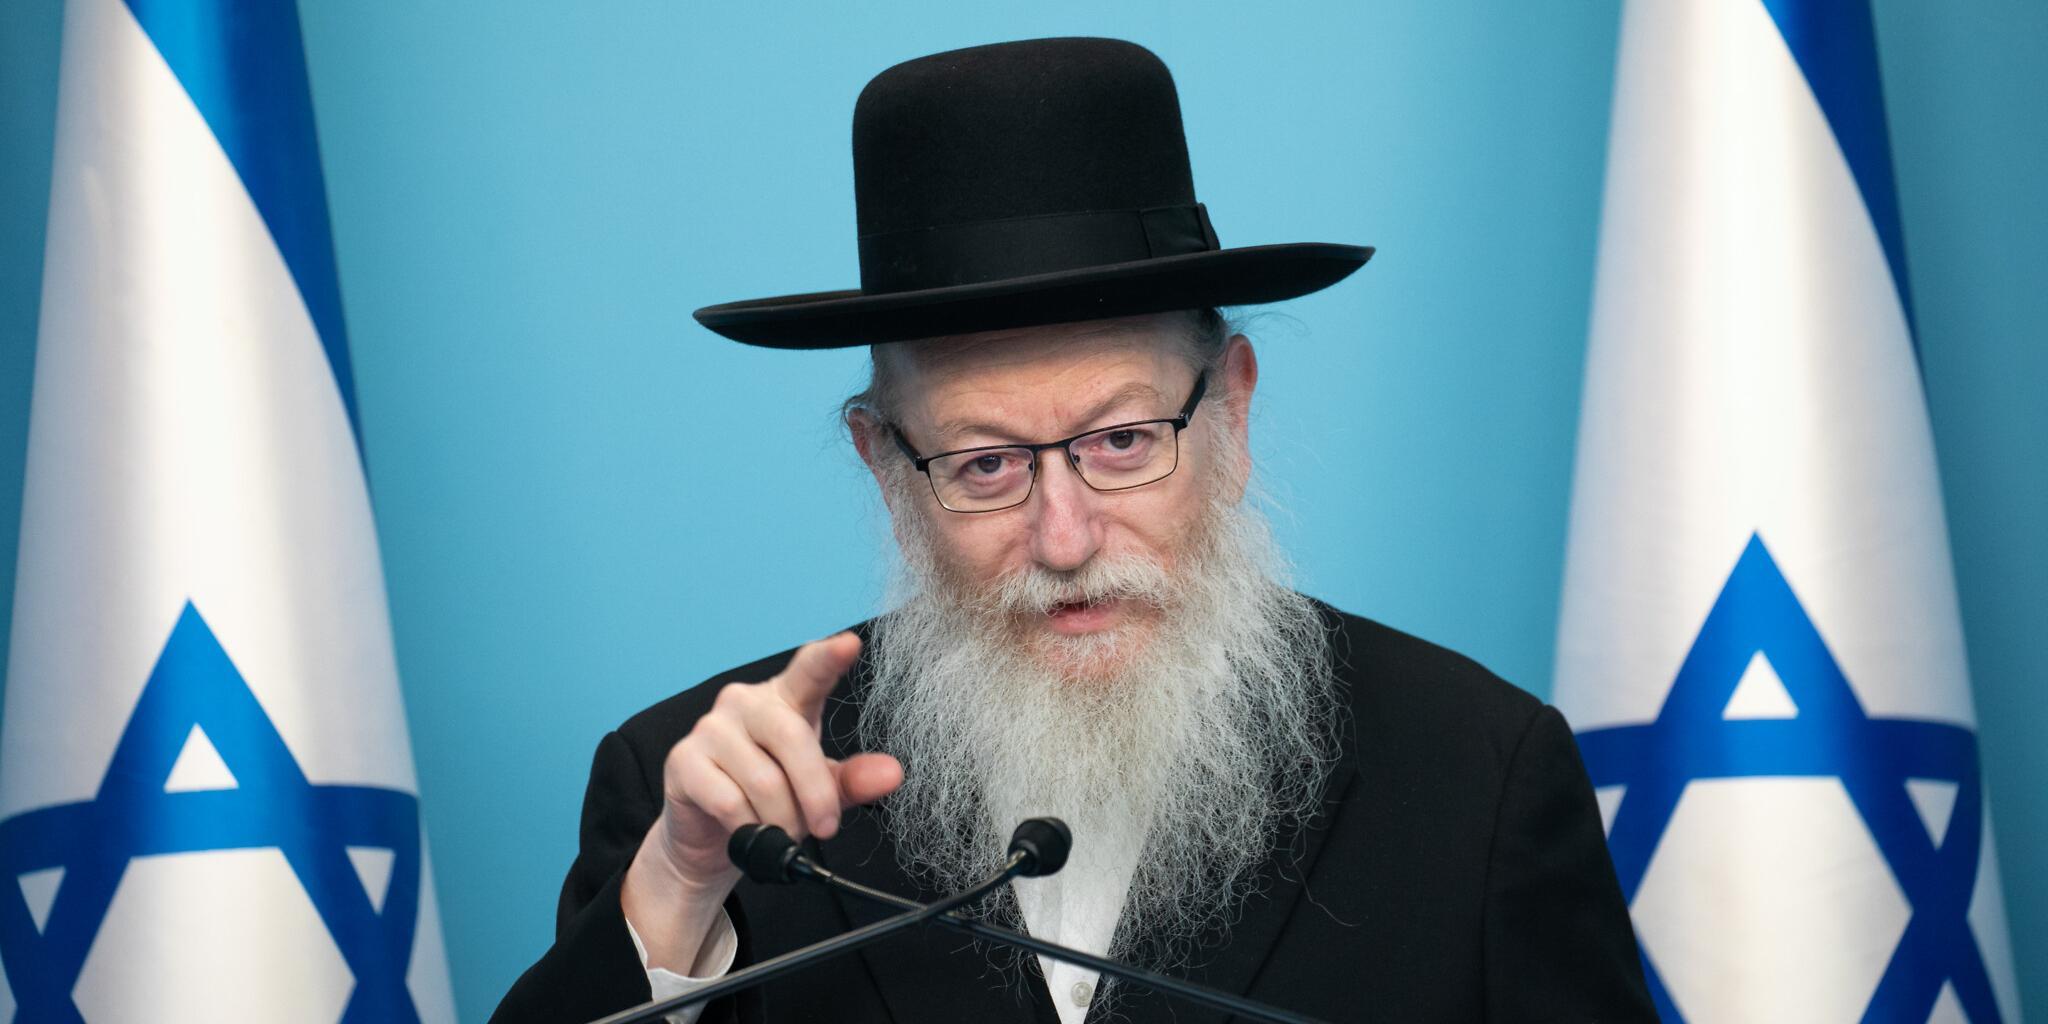 Назвавший коронавирус божьей карой за гомосексуализм израильский министр заразился сам